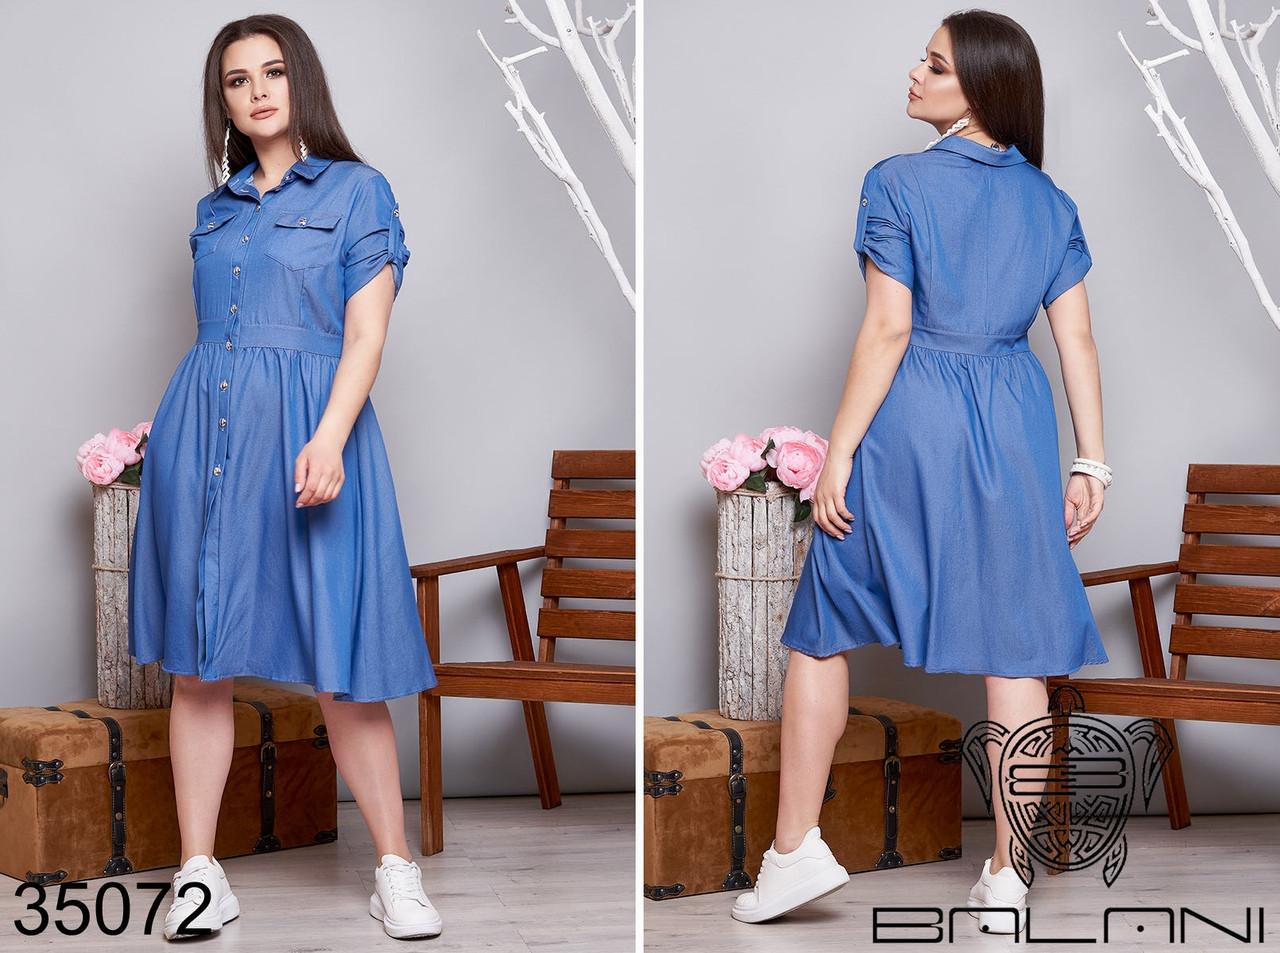 Платье джинсовое женское в большом размере 48-50,52-54,56-58,60-62